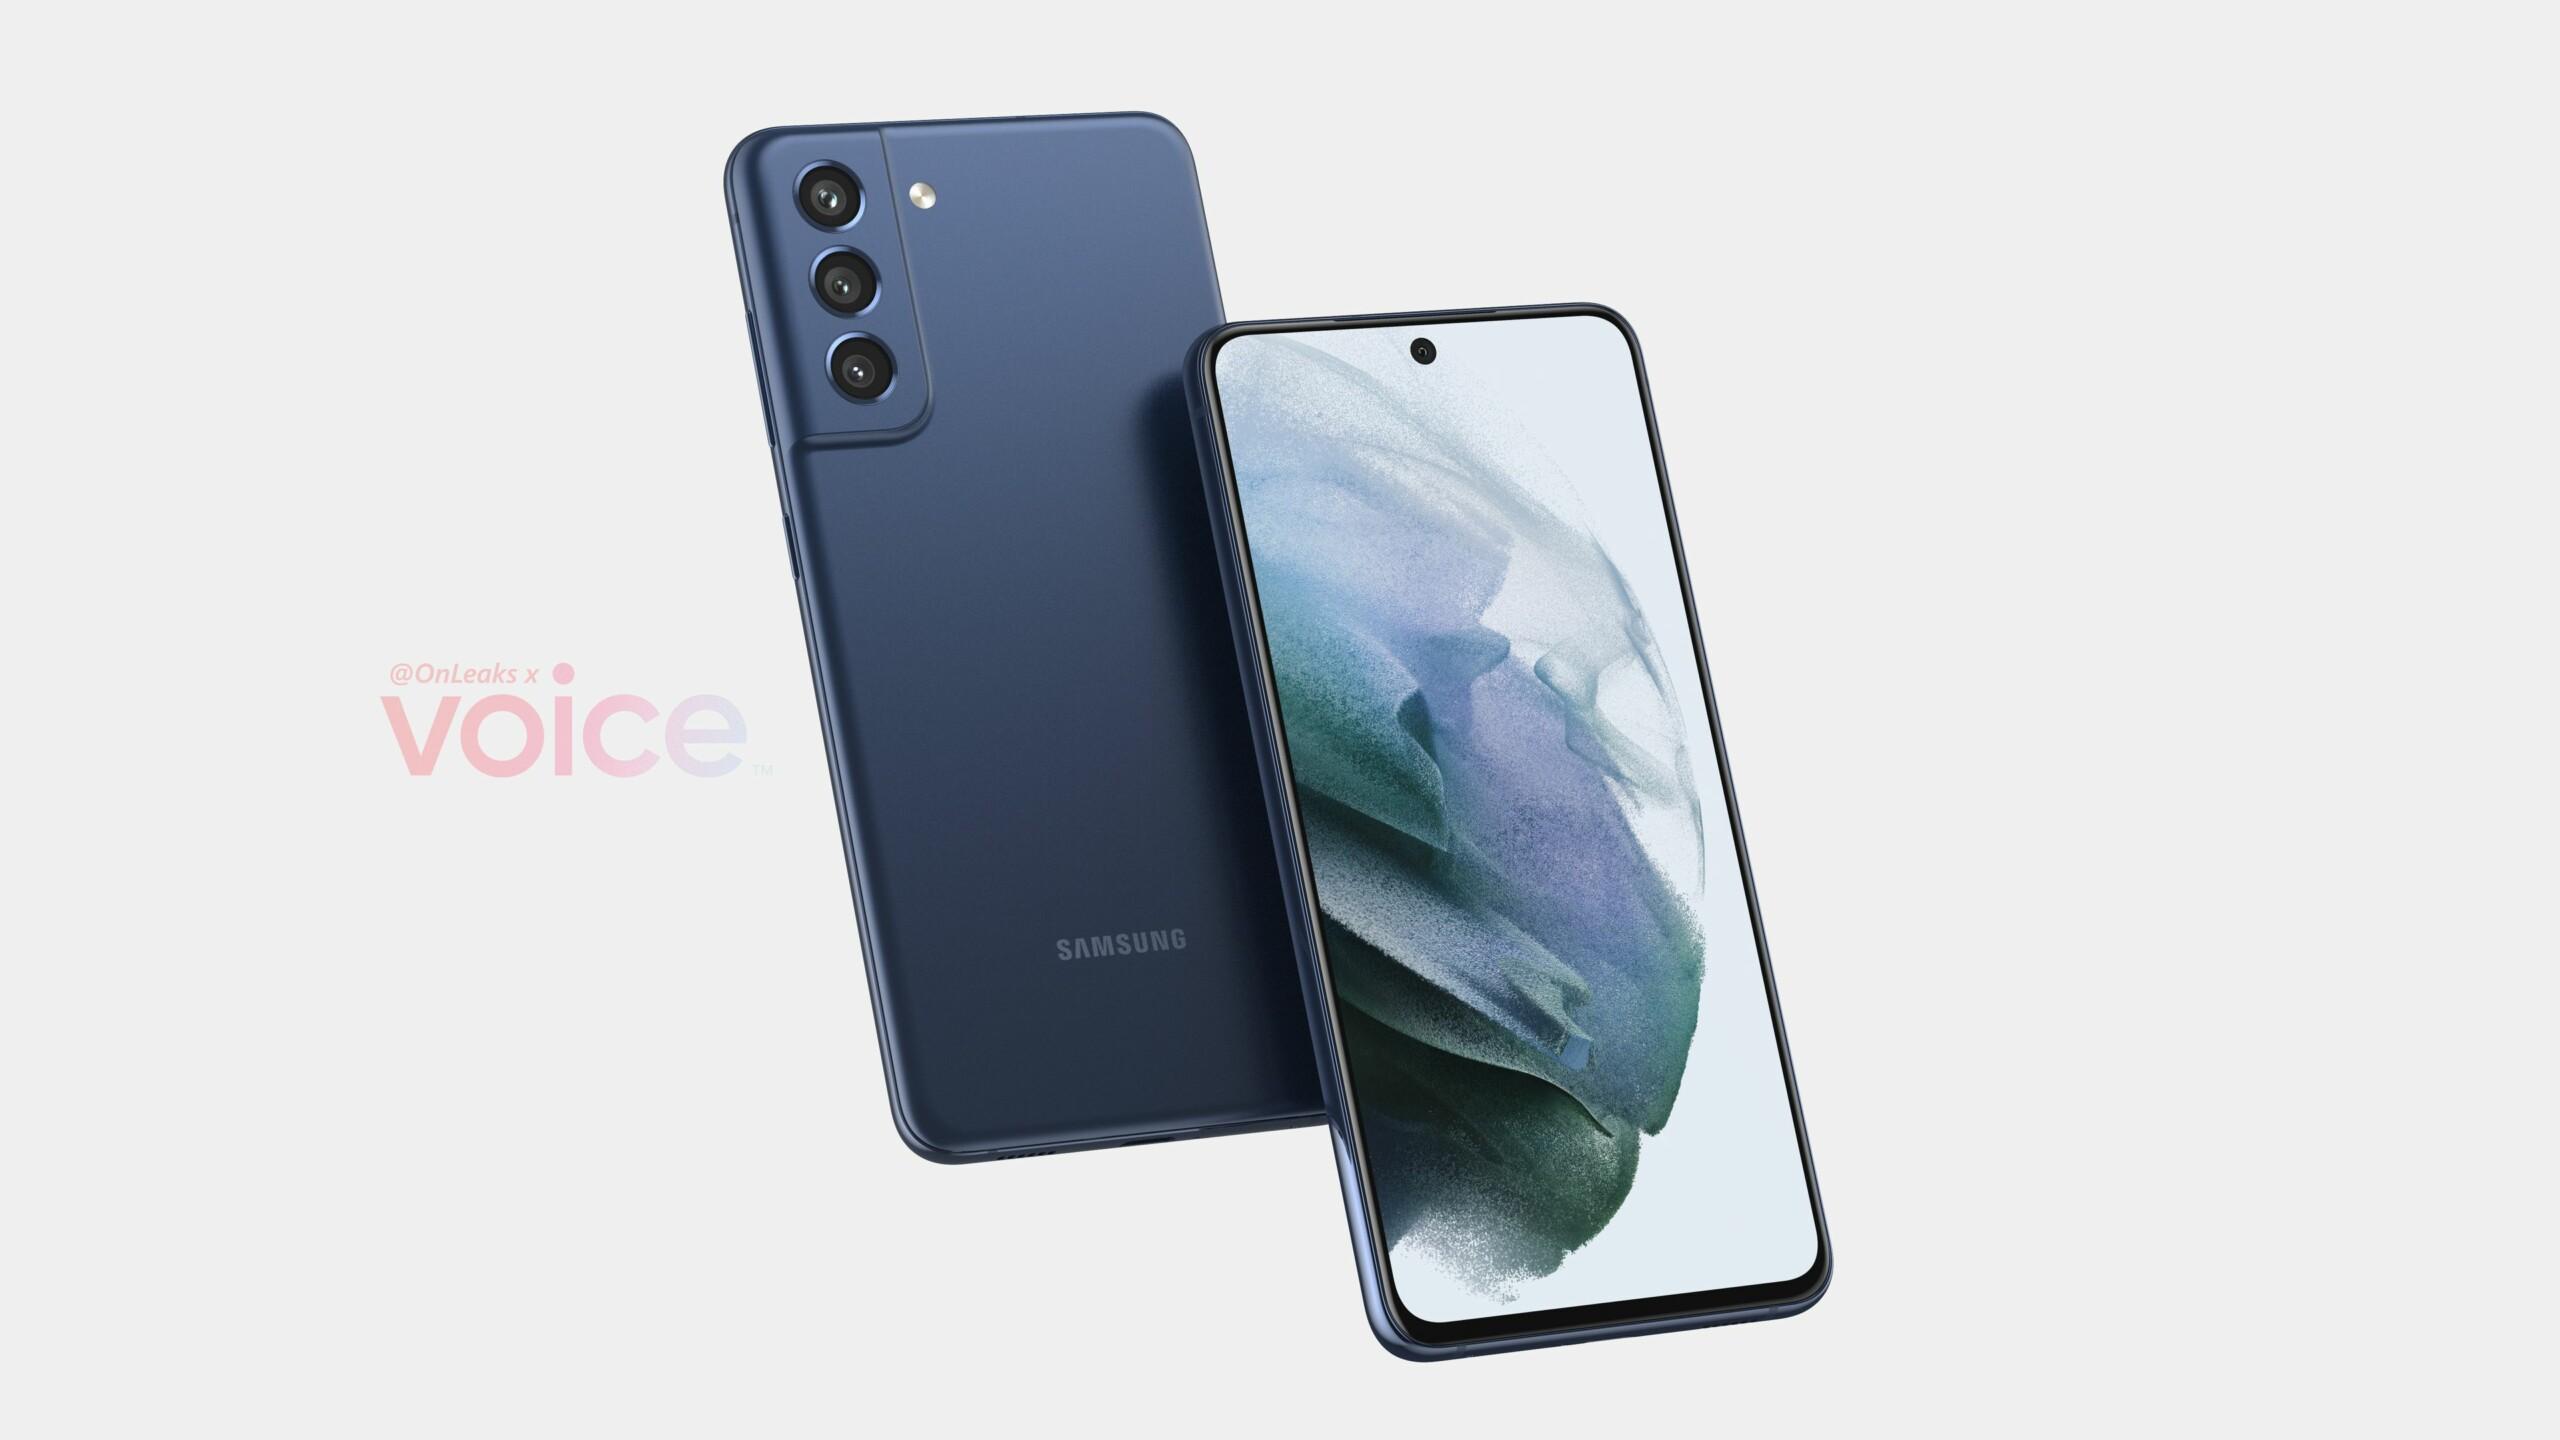 Le Samsung Galaxy S21 FE serait repoussé à cause de la pénurie de Snapdragon 888